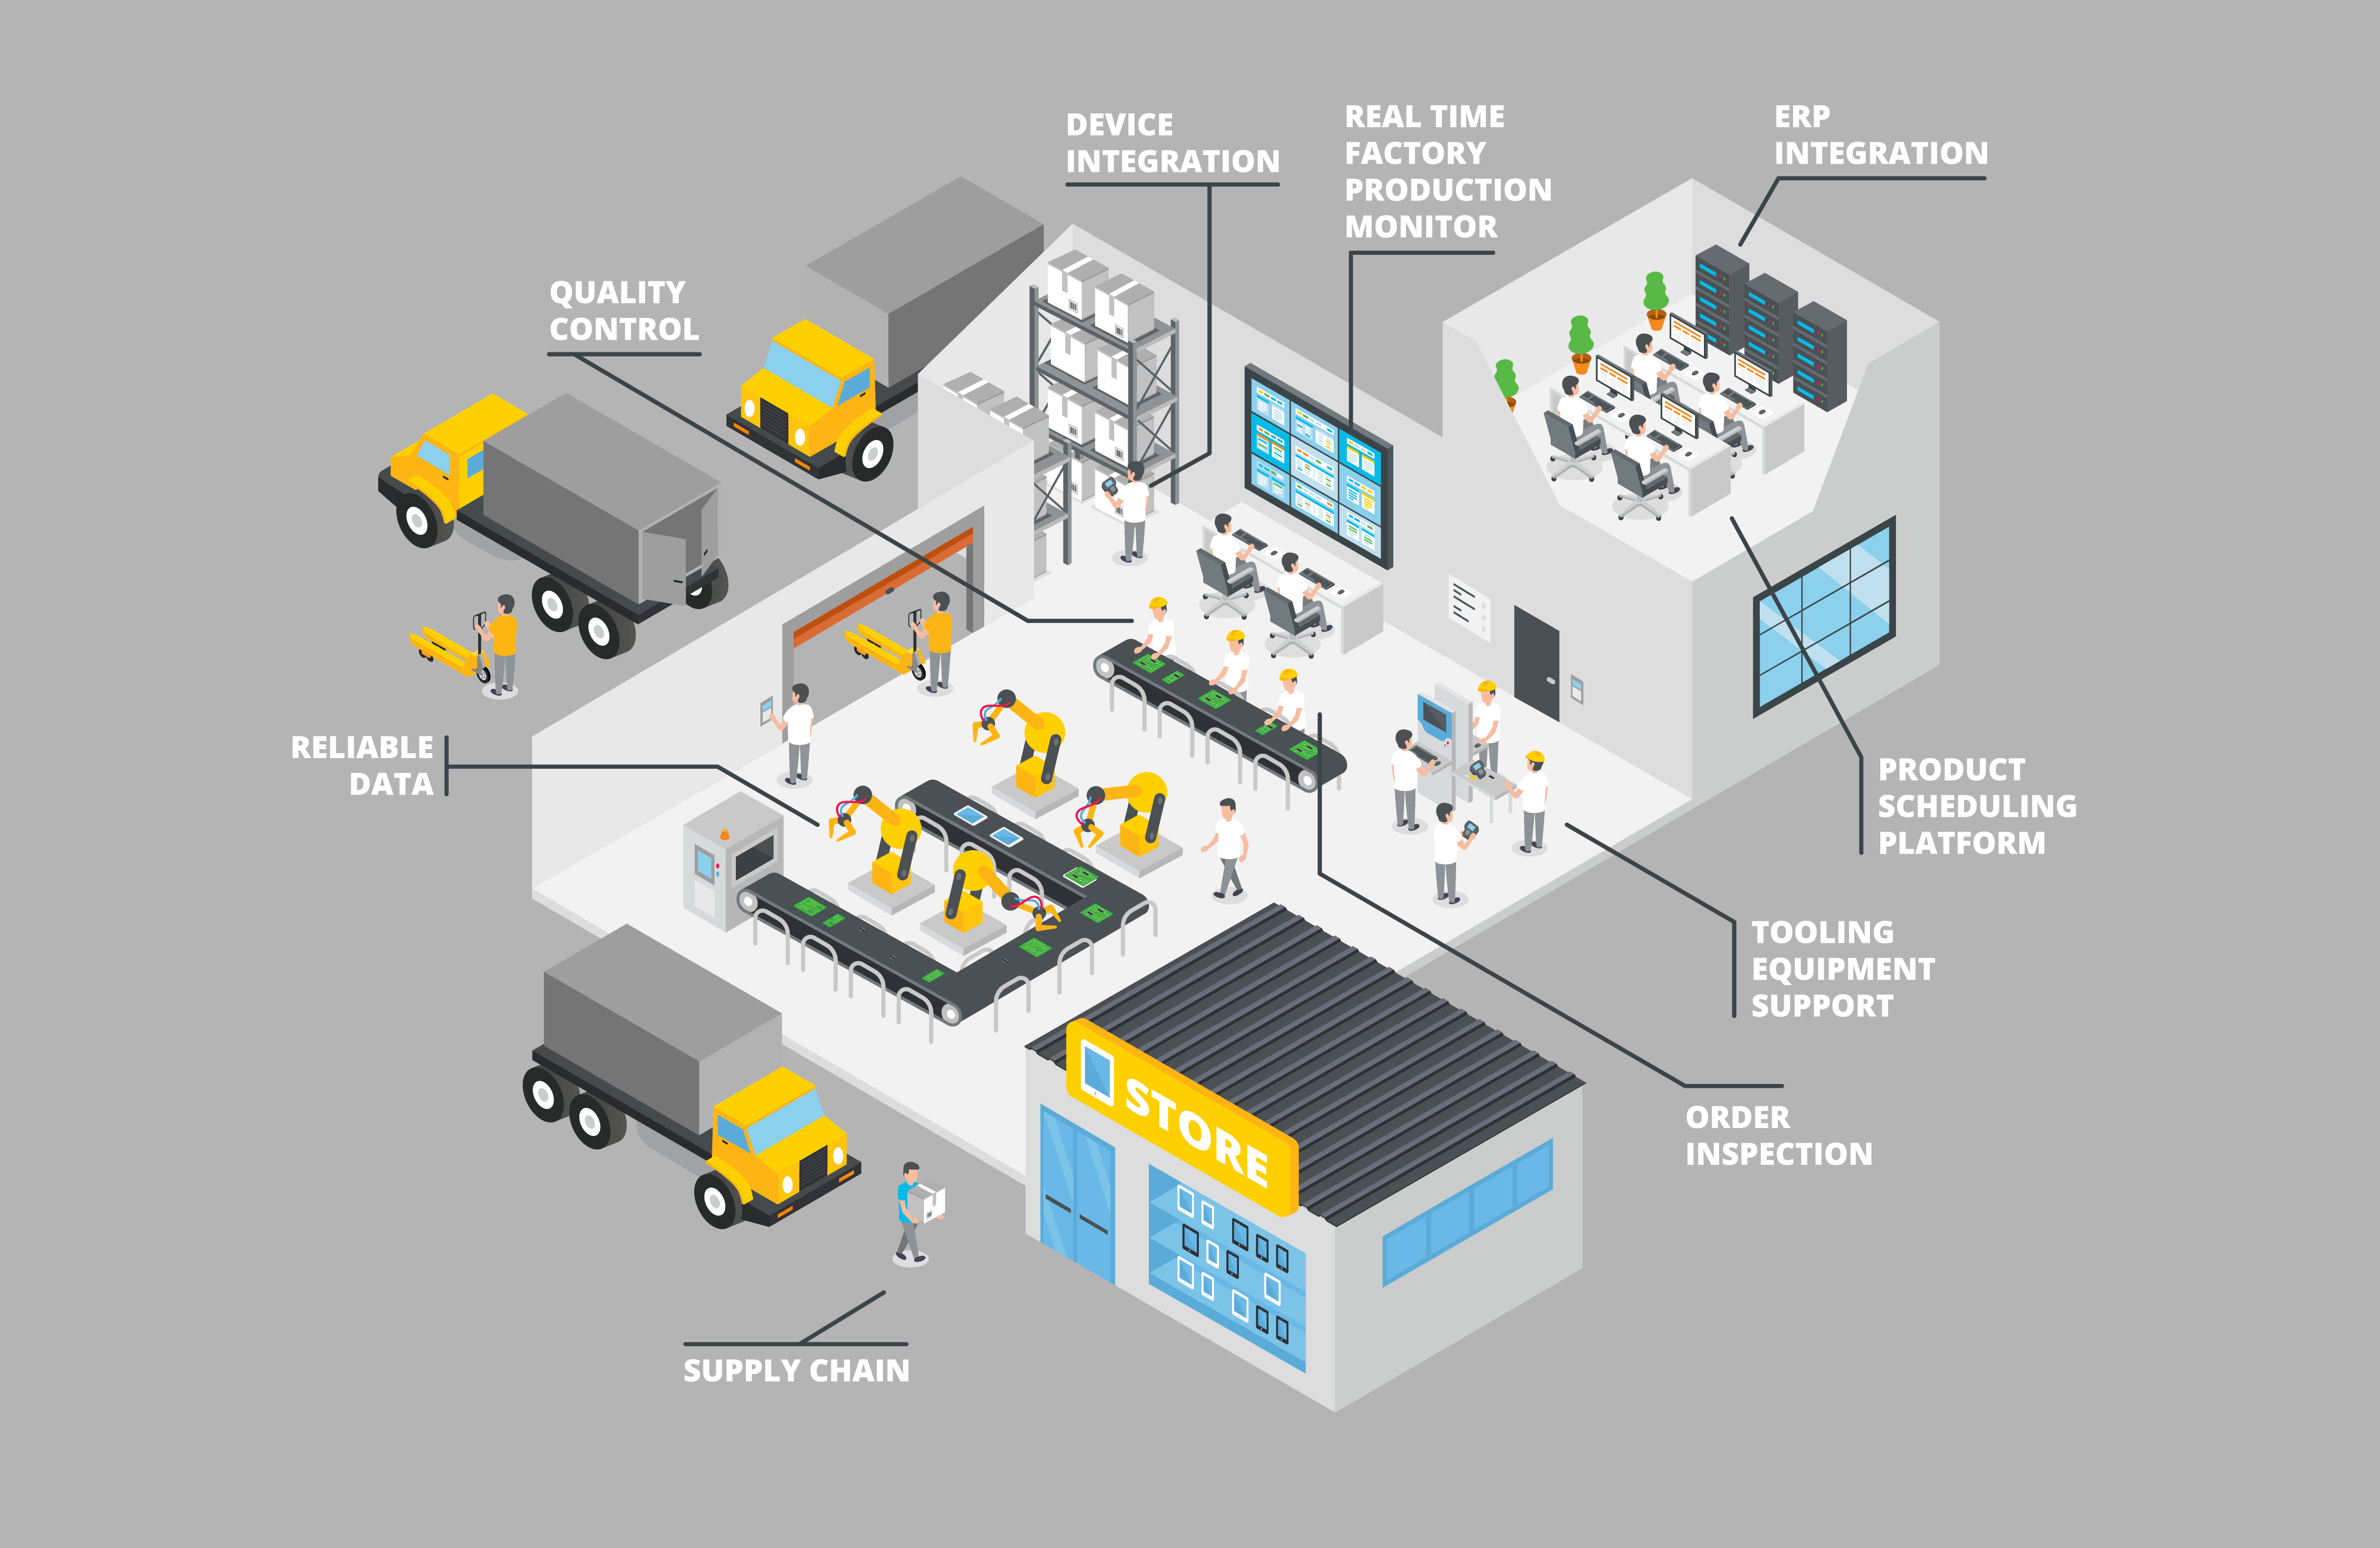 2019的Manufacturing Execution Systems (MES) Smart Factory | Project: MES